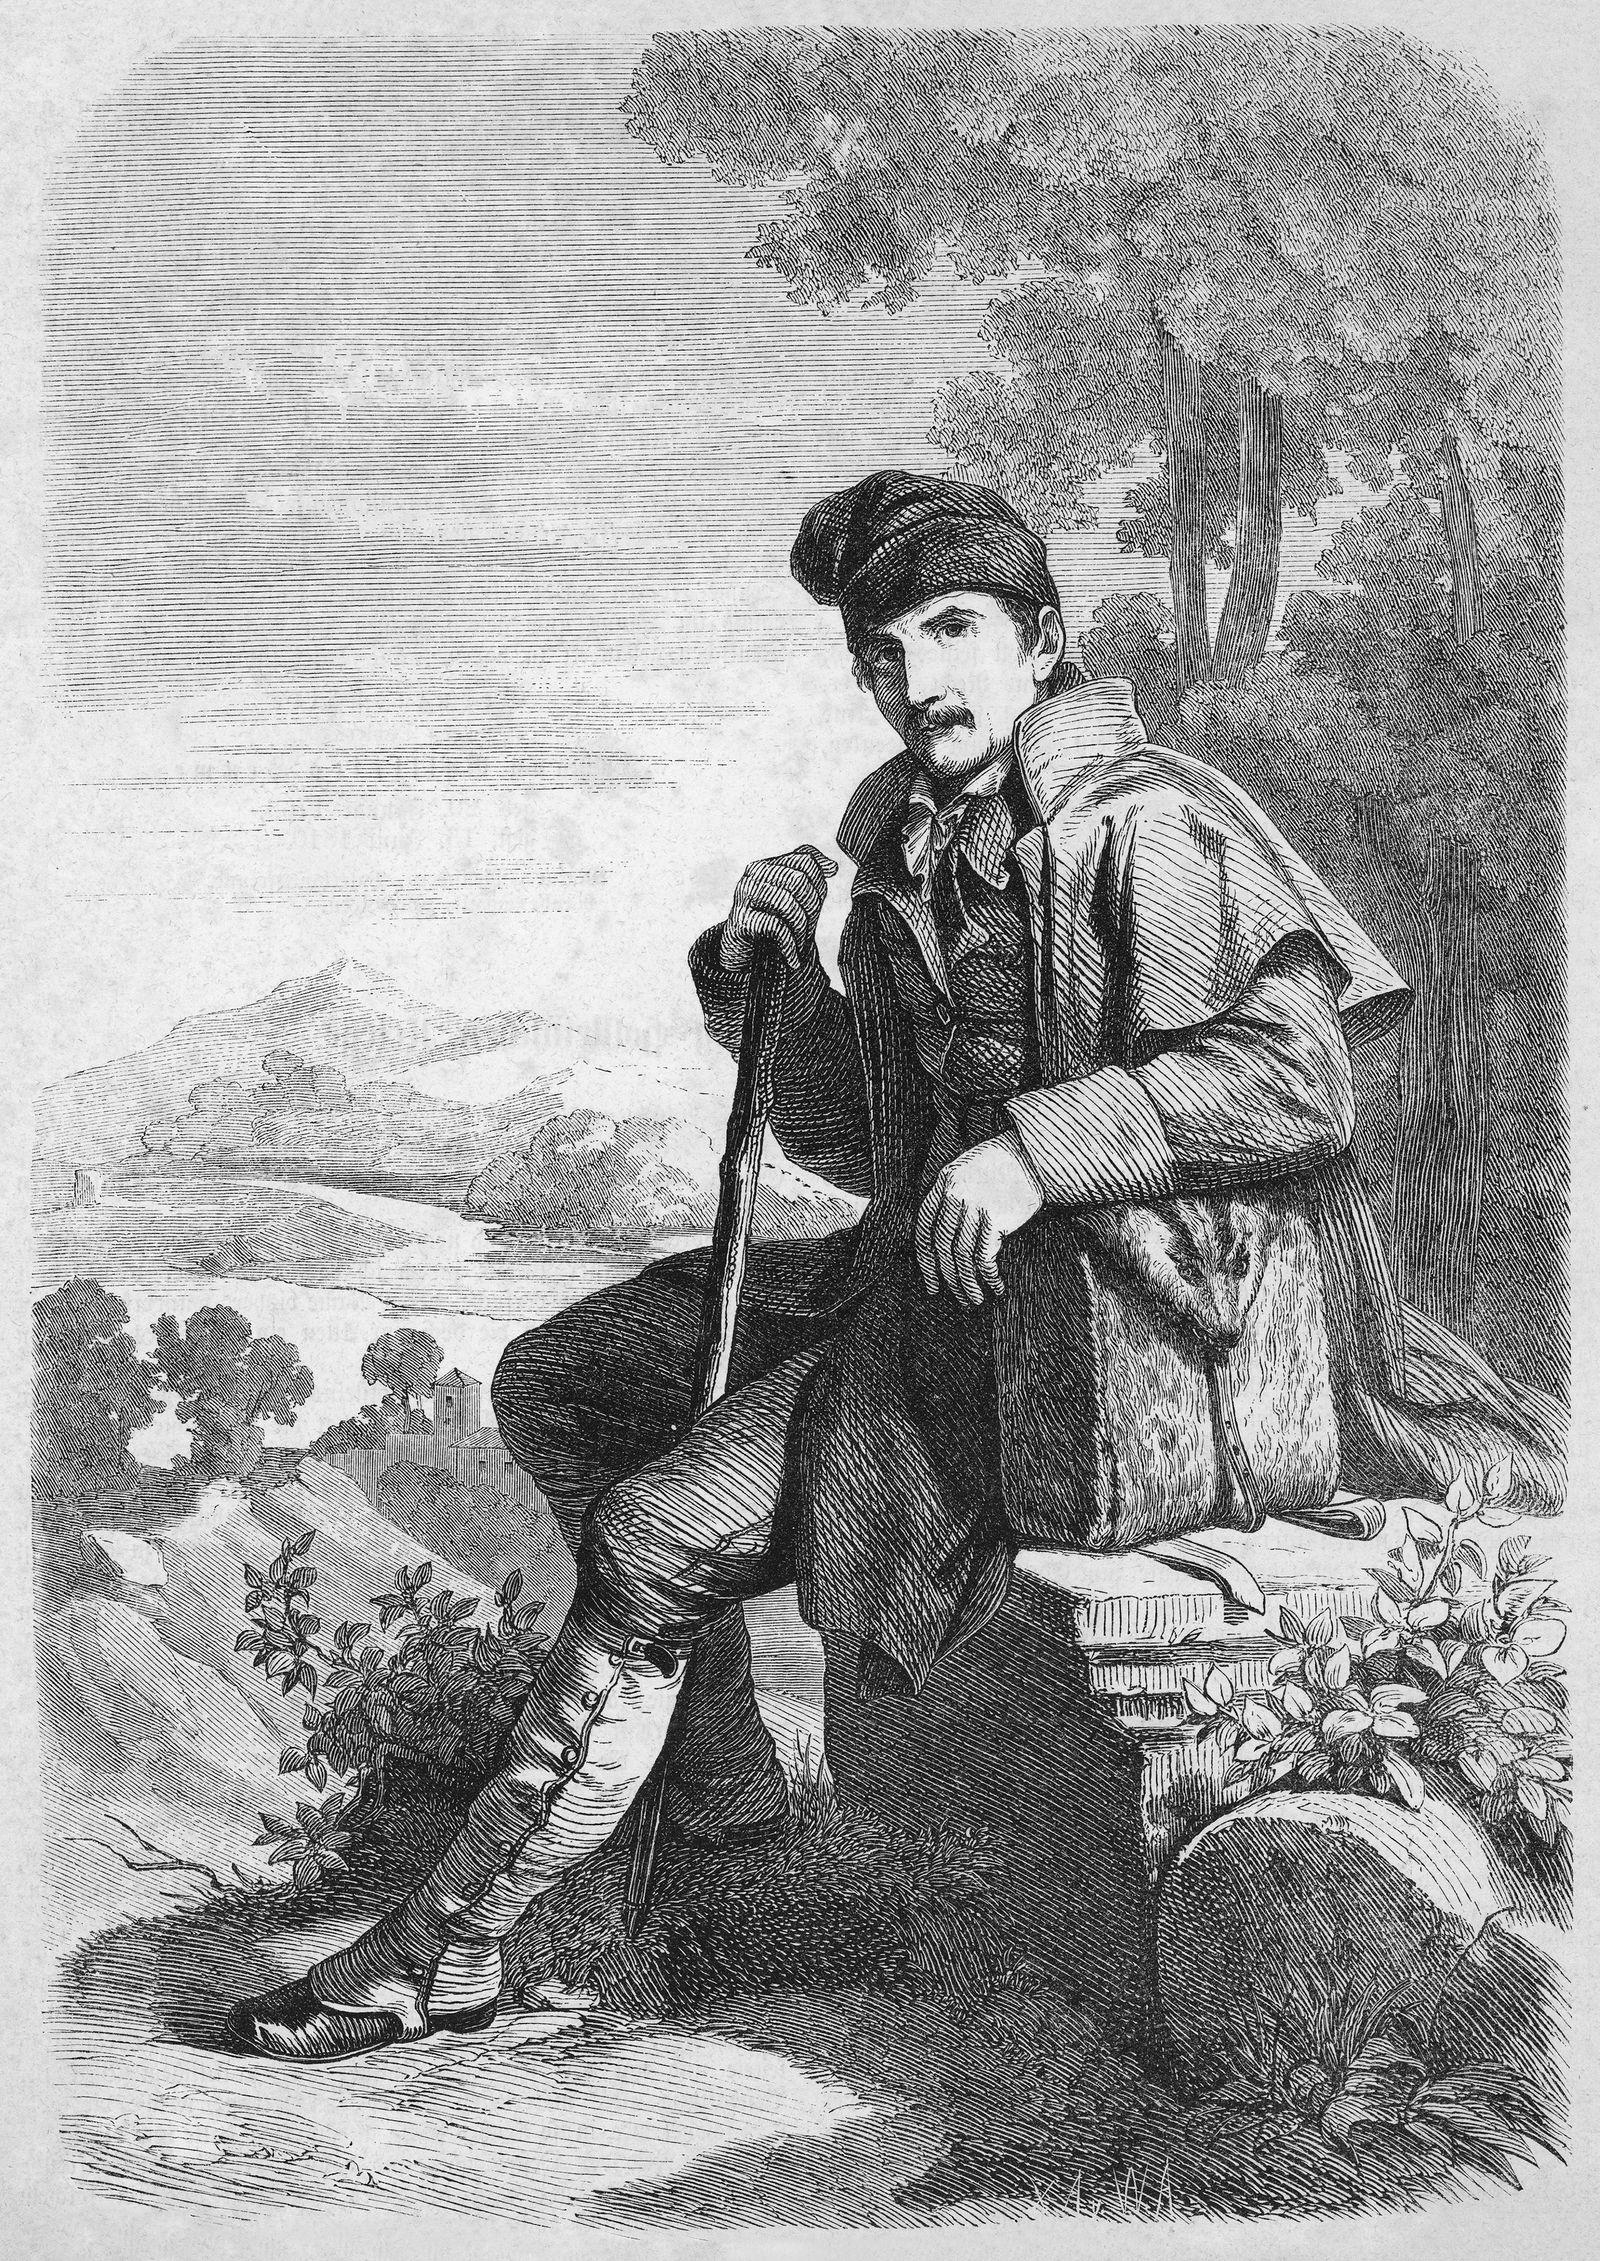 """Illustration zur Reisebeschreibung """"Spaziergang nach Syrakus"""" (1803) von Johann Gottfried Seume"""